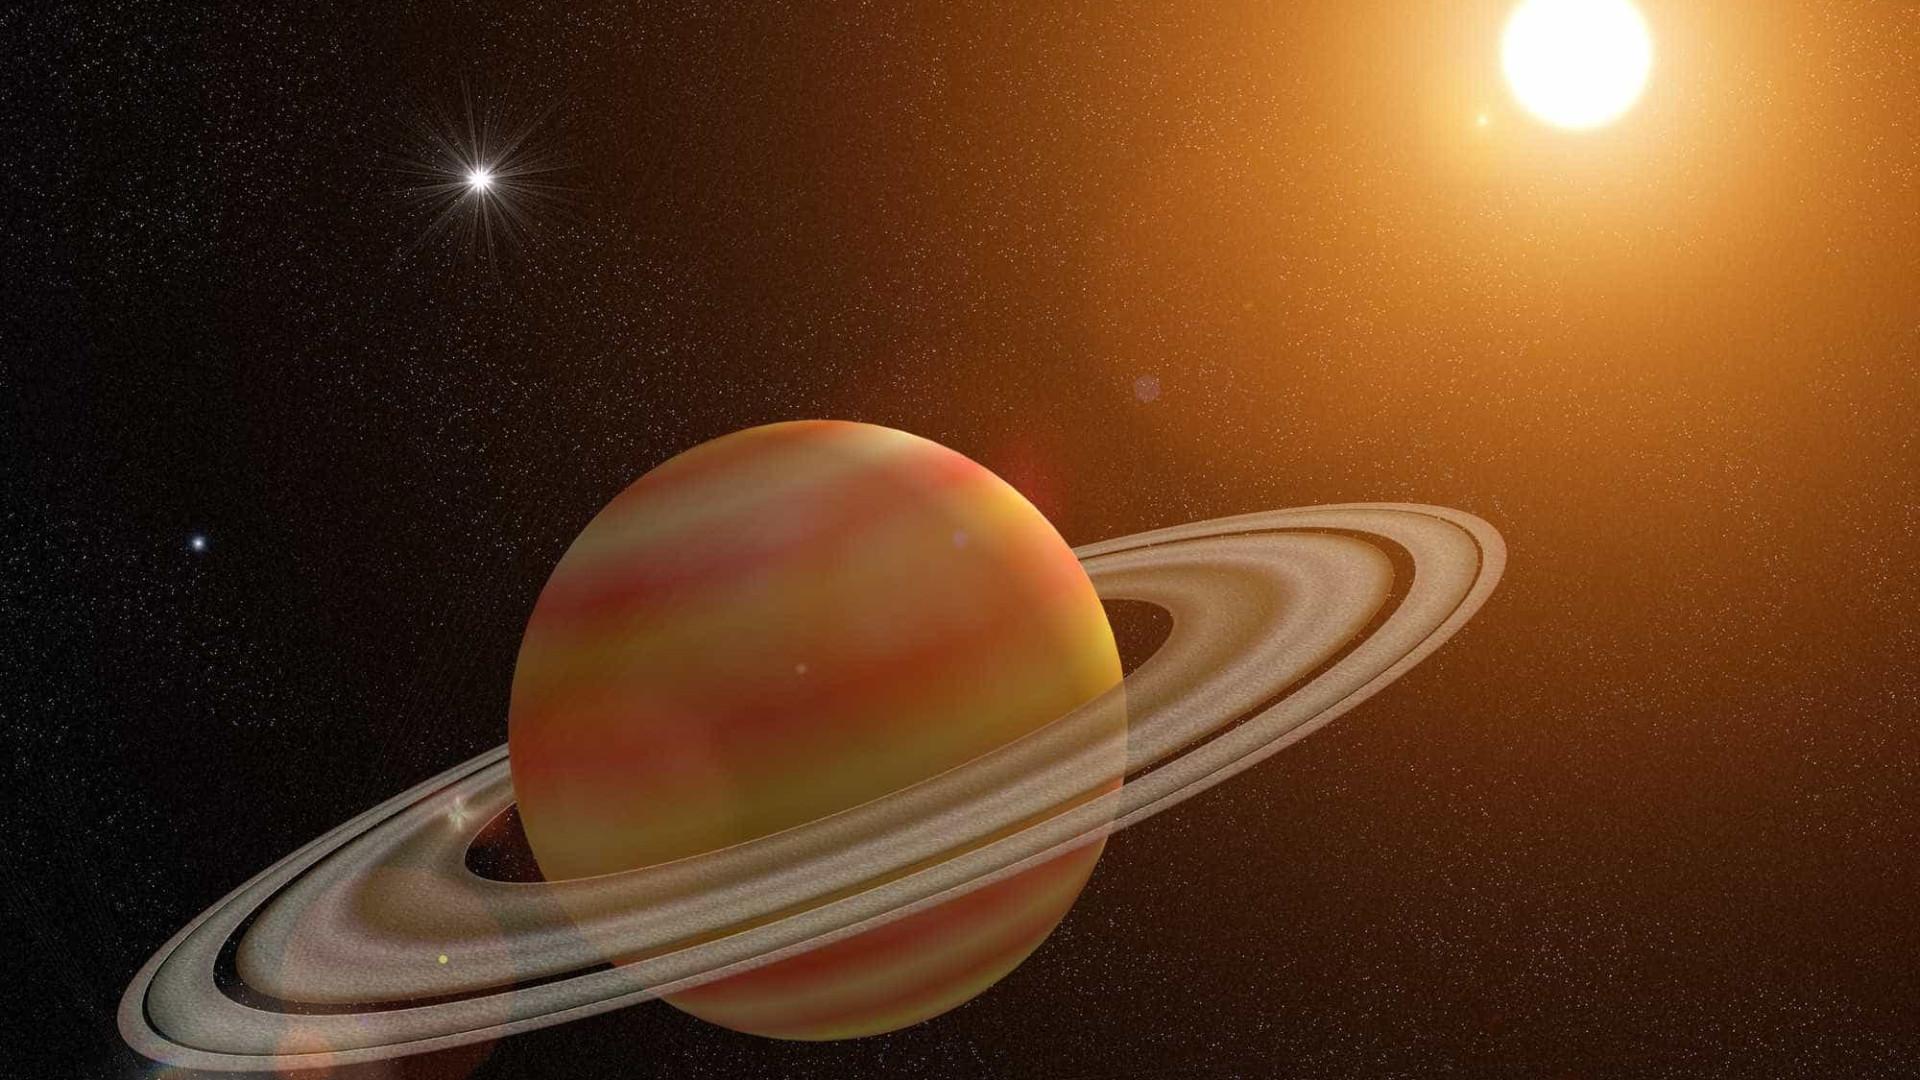 Descubra 30 curiosidades impressionantes sobre Saturno